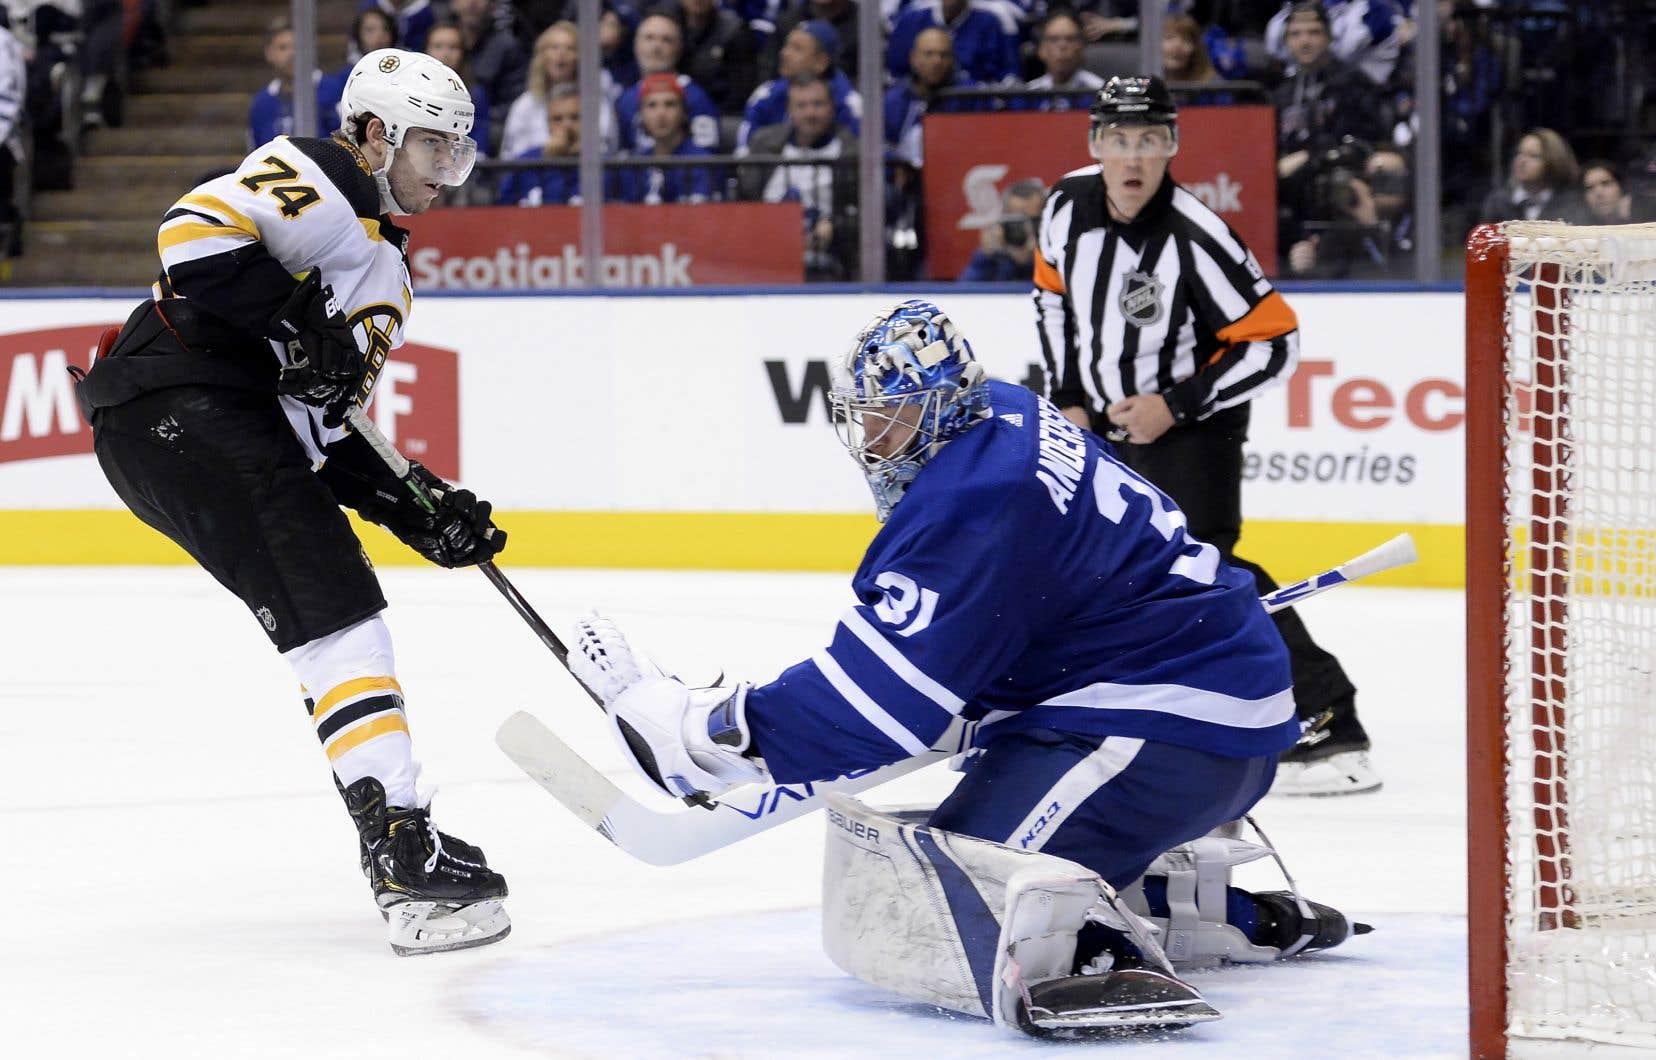 Les Bruins de Boston et les Maple Leafs de Toronto croiseront le fer pour une dernière fois dans cette série mardi soir, au TD Garden de Boston.